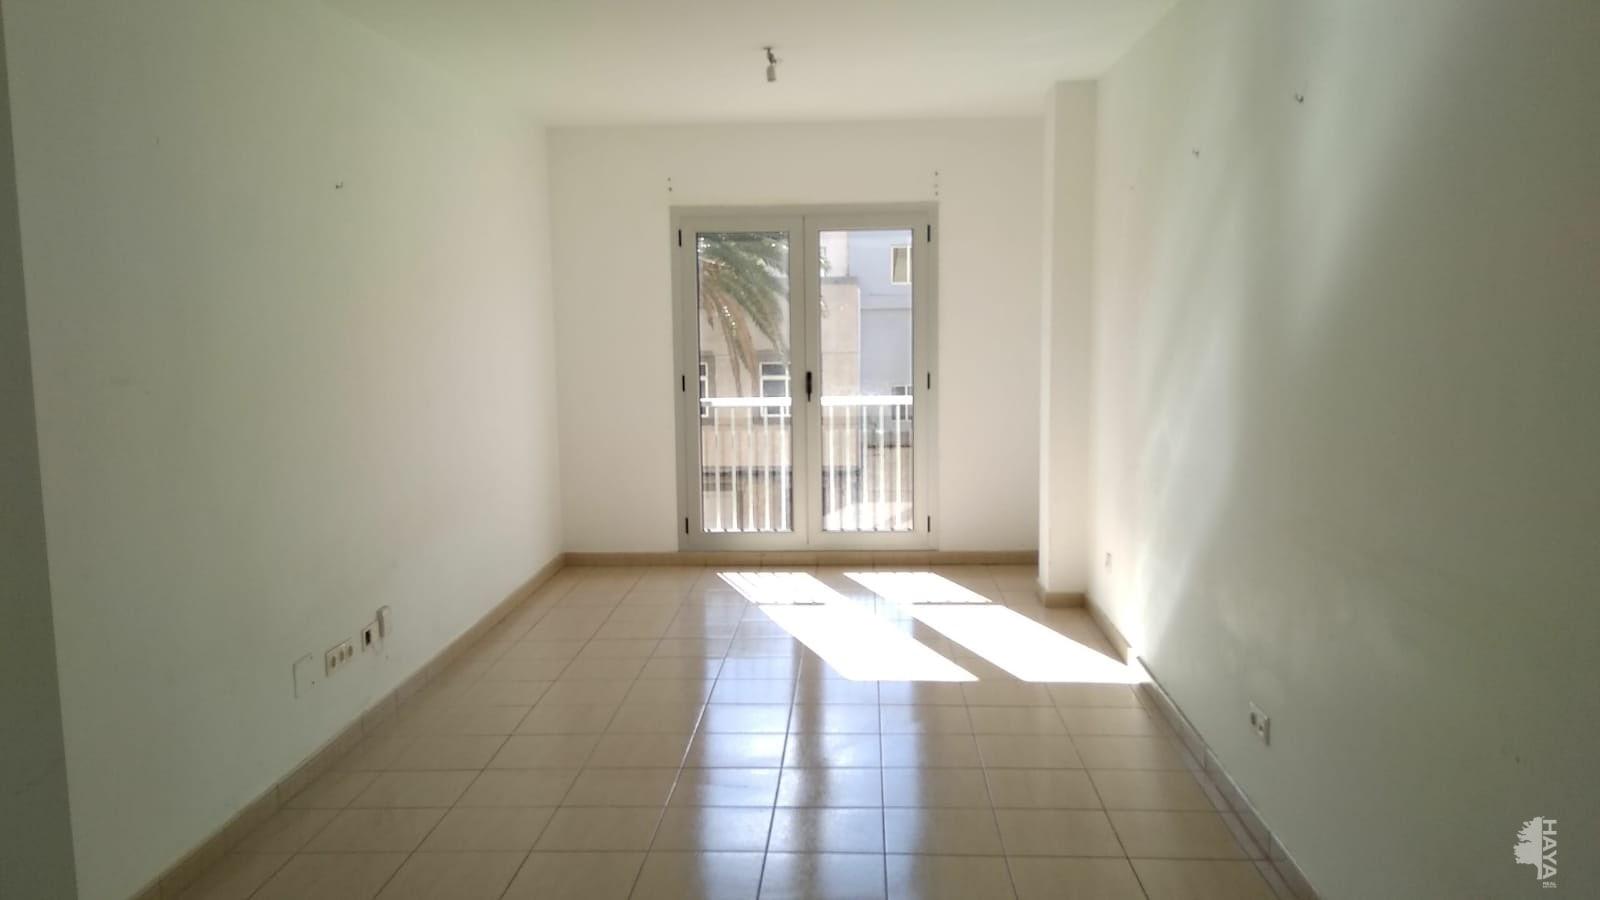 Piso en venta en Santa Lucía de Tirajana, Las Palmas, Calle Delicias, 66.000 €, 2 habitaciones, 1 baño, 84 m2